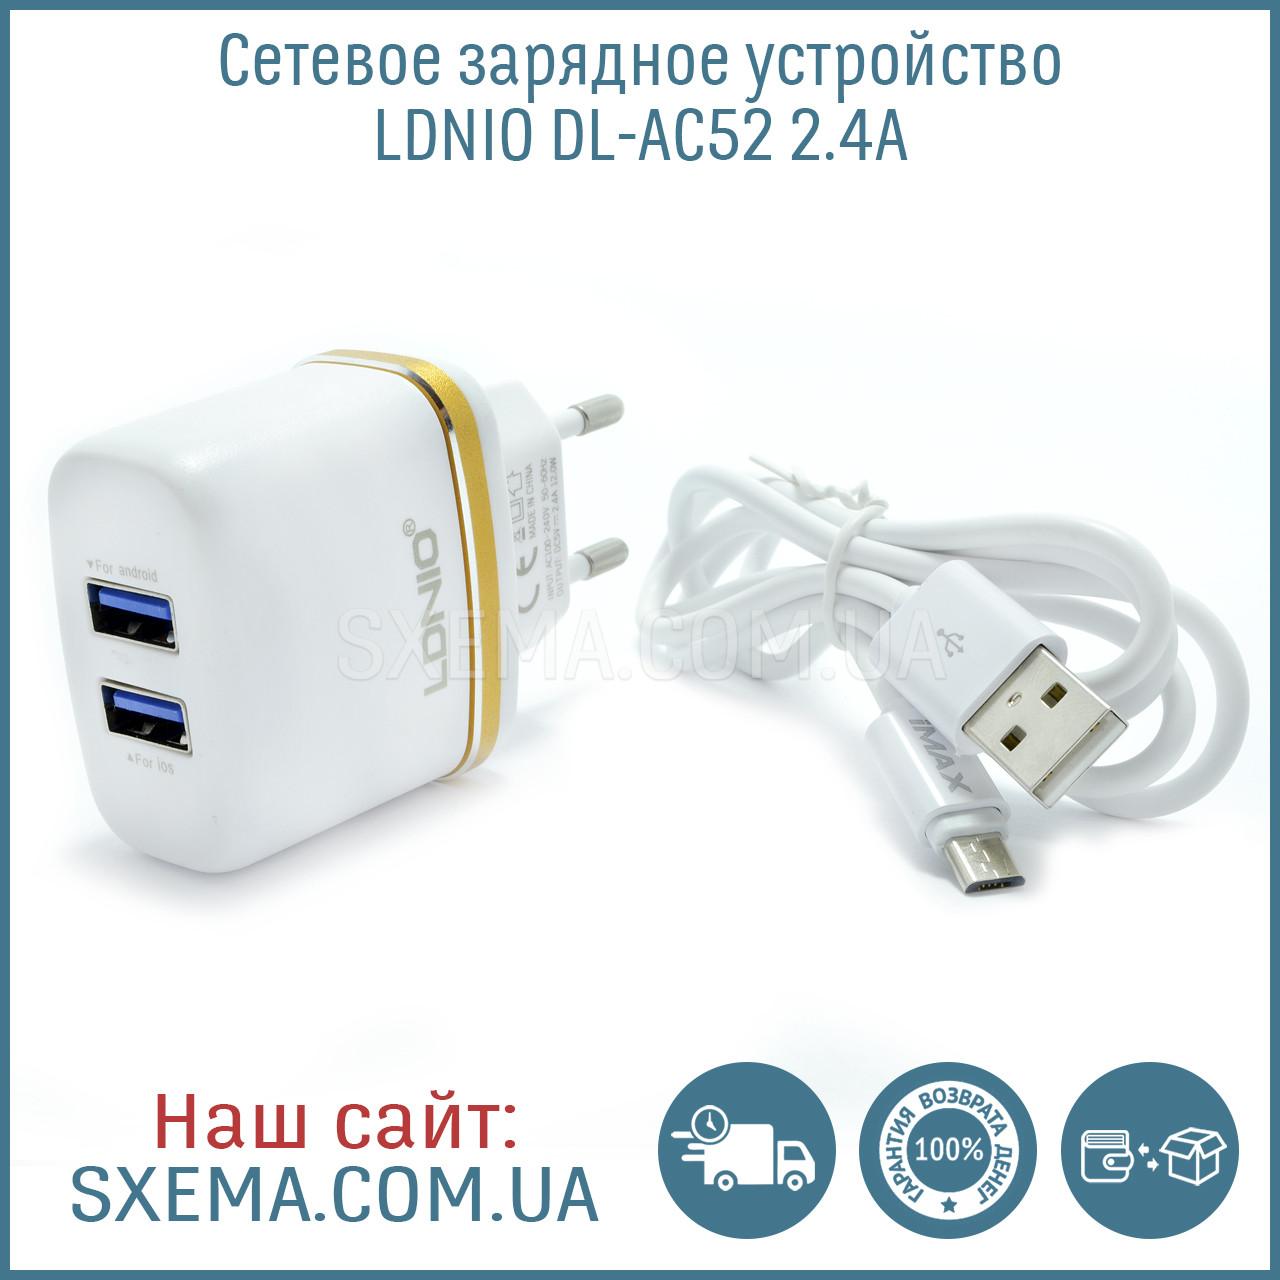 Мережевий зарядний пристрій LDNIO DL-AC52 2.4 A , 2 роз'єми USB, з кабелем iMax